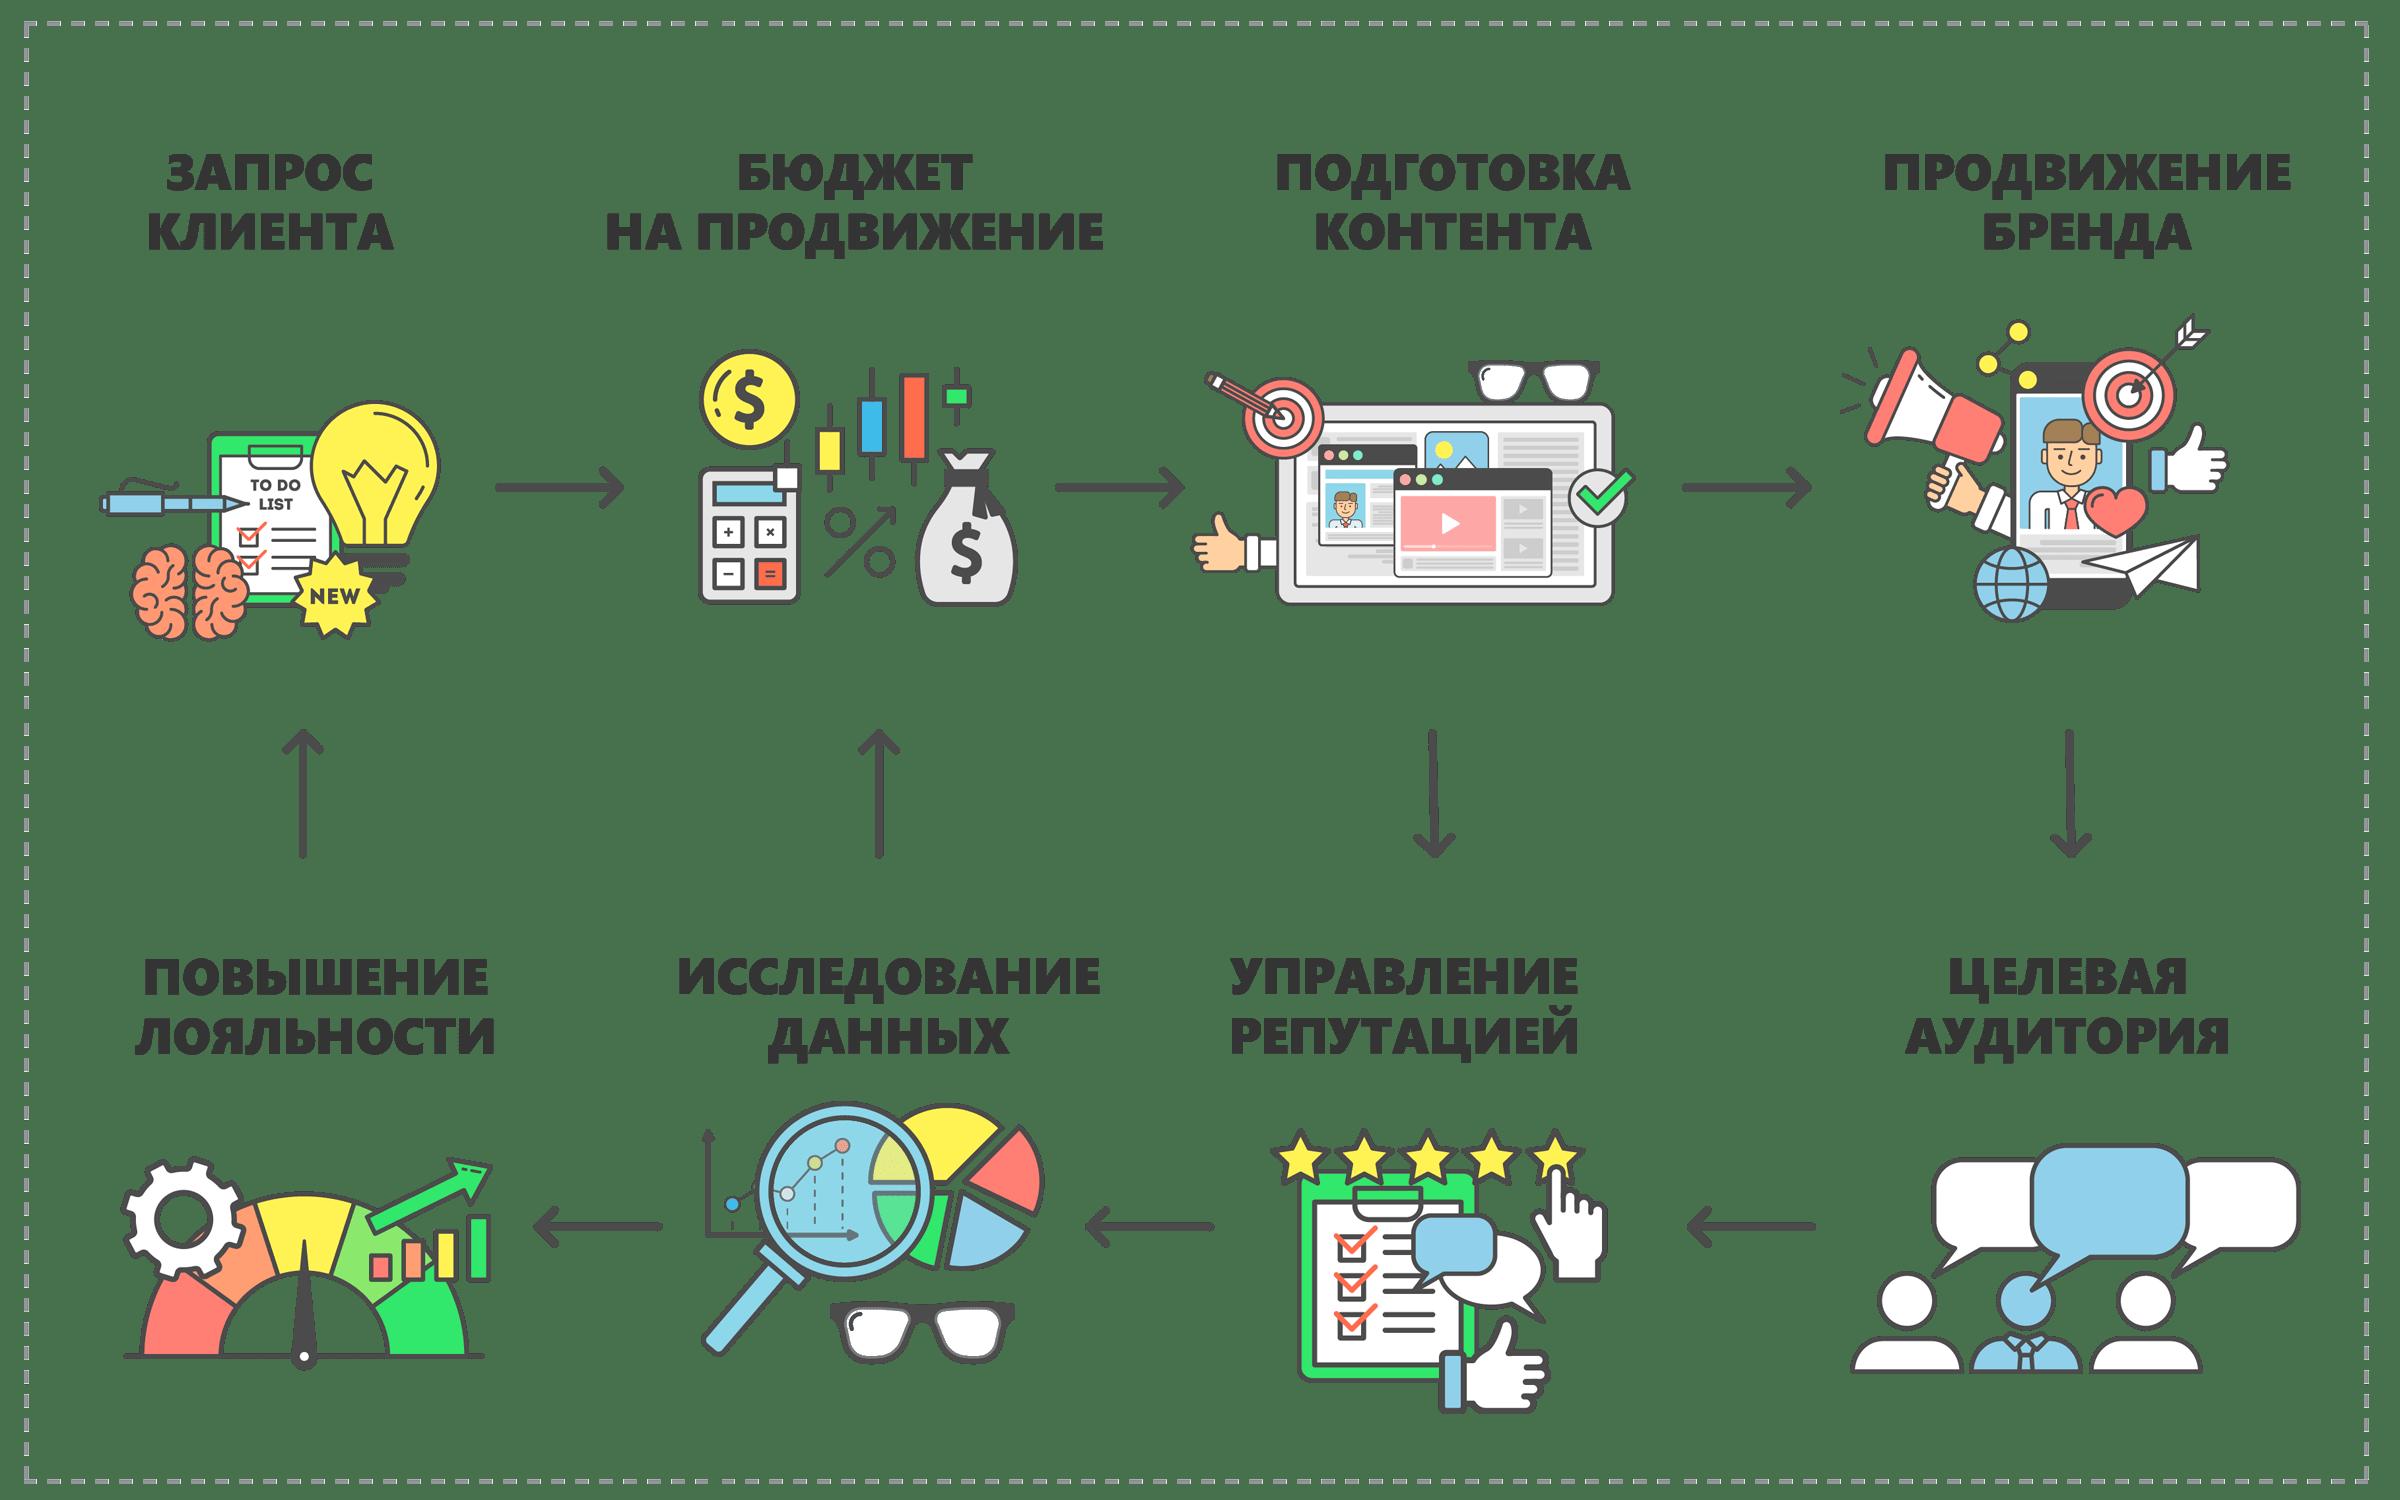 Схема продвижение SMM